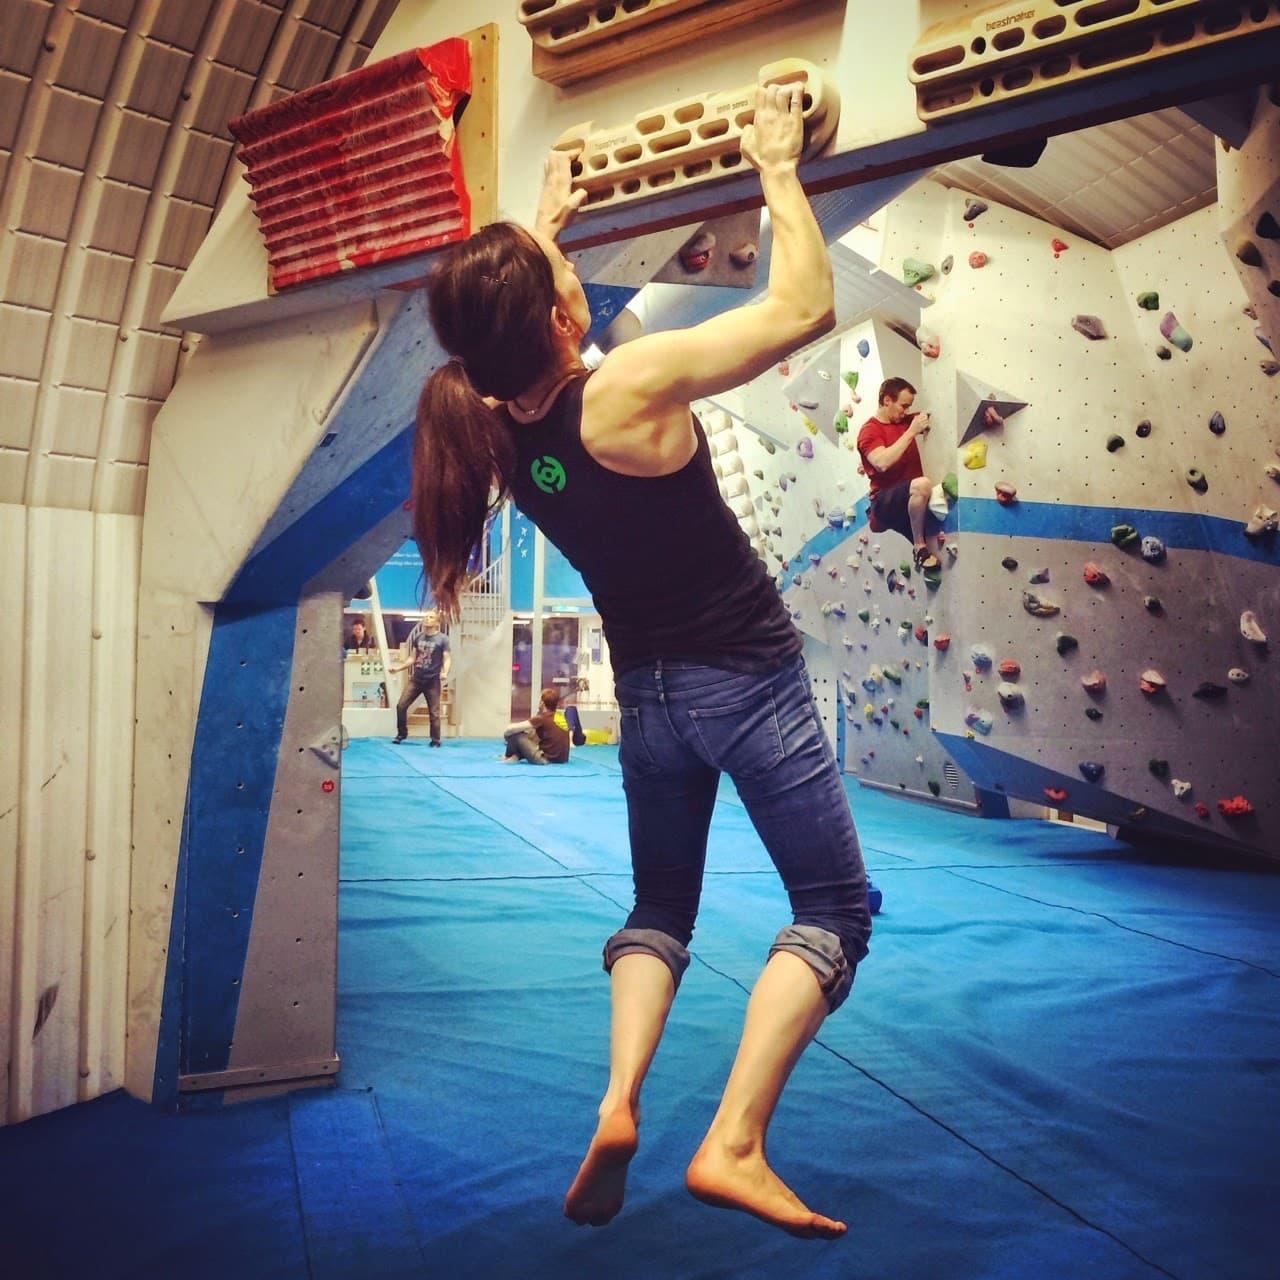 Arrampicata e allenamento: lavorare sui propri punti deboli - Oliunìd is training